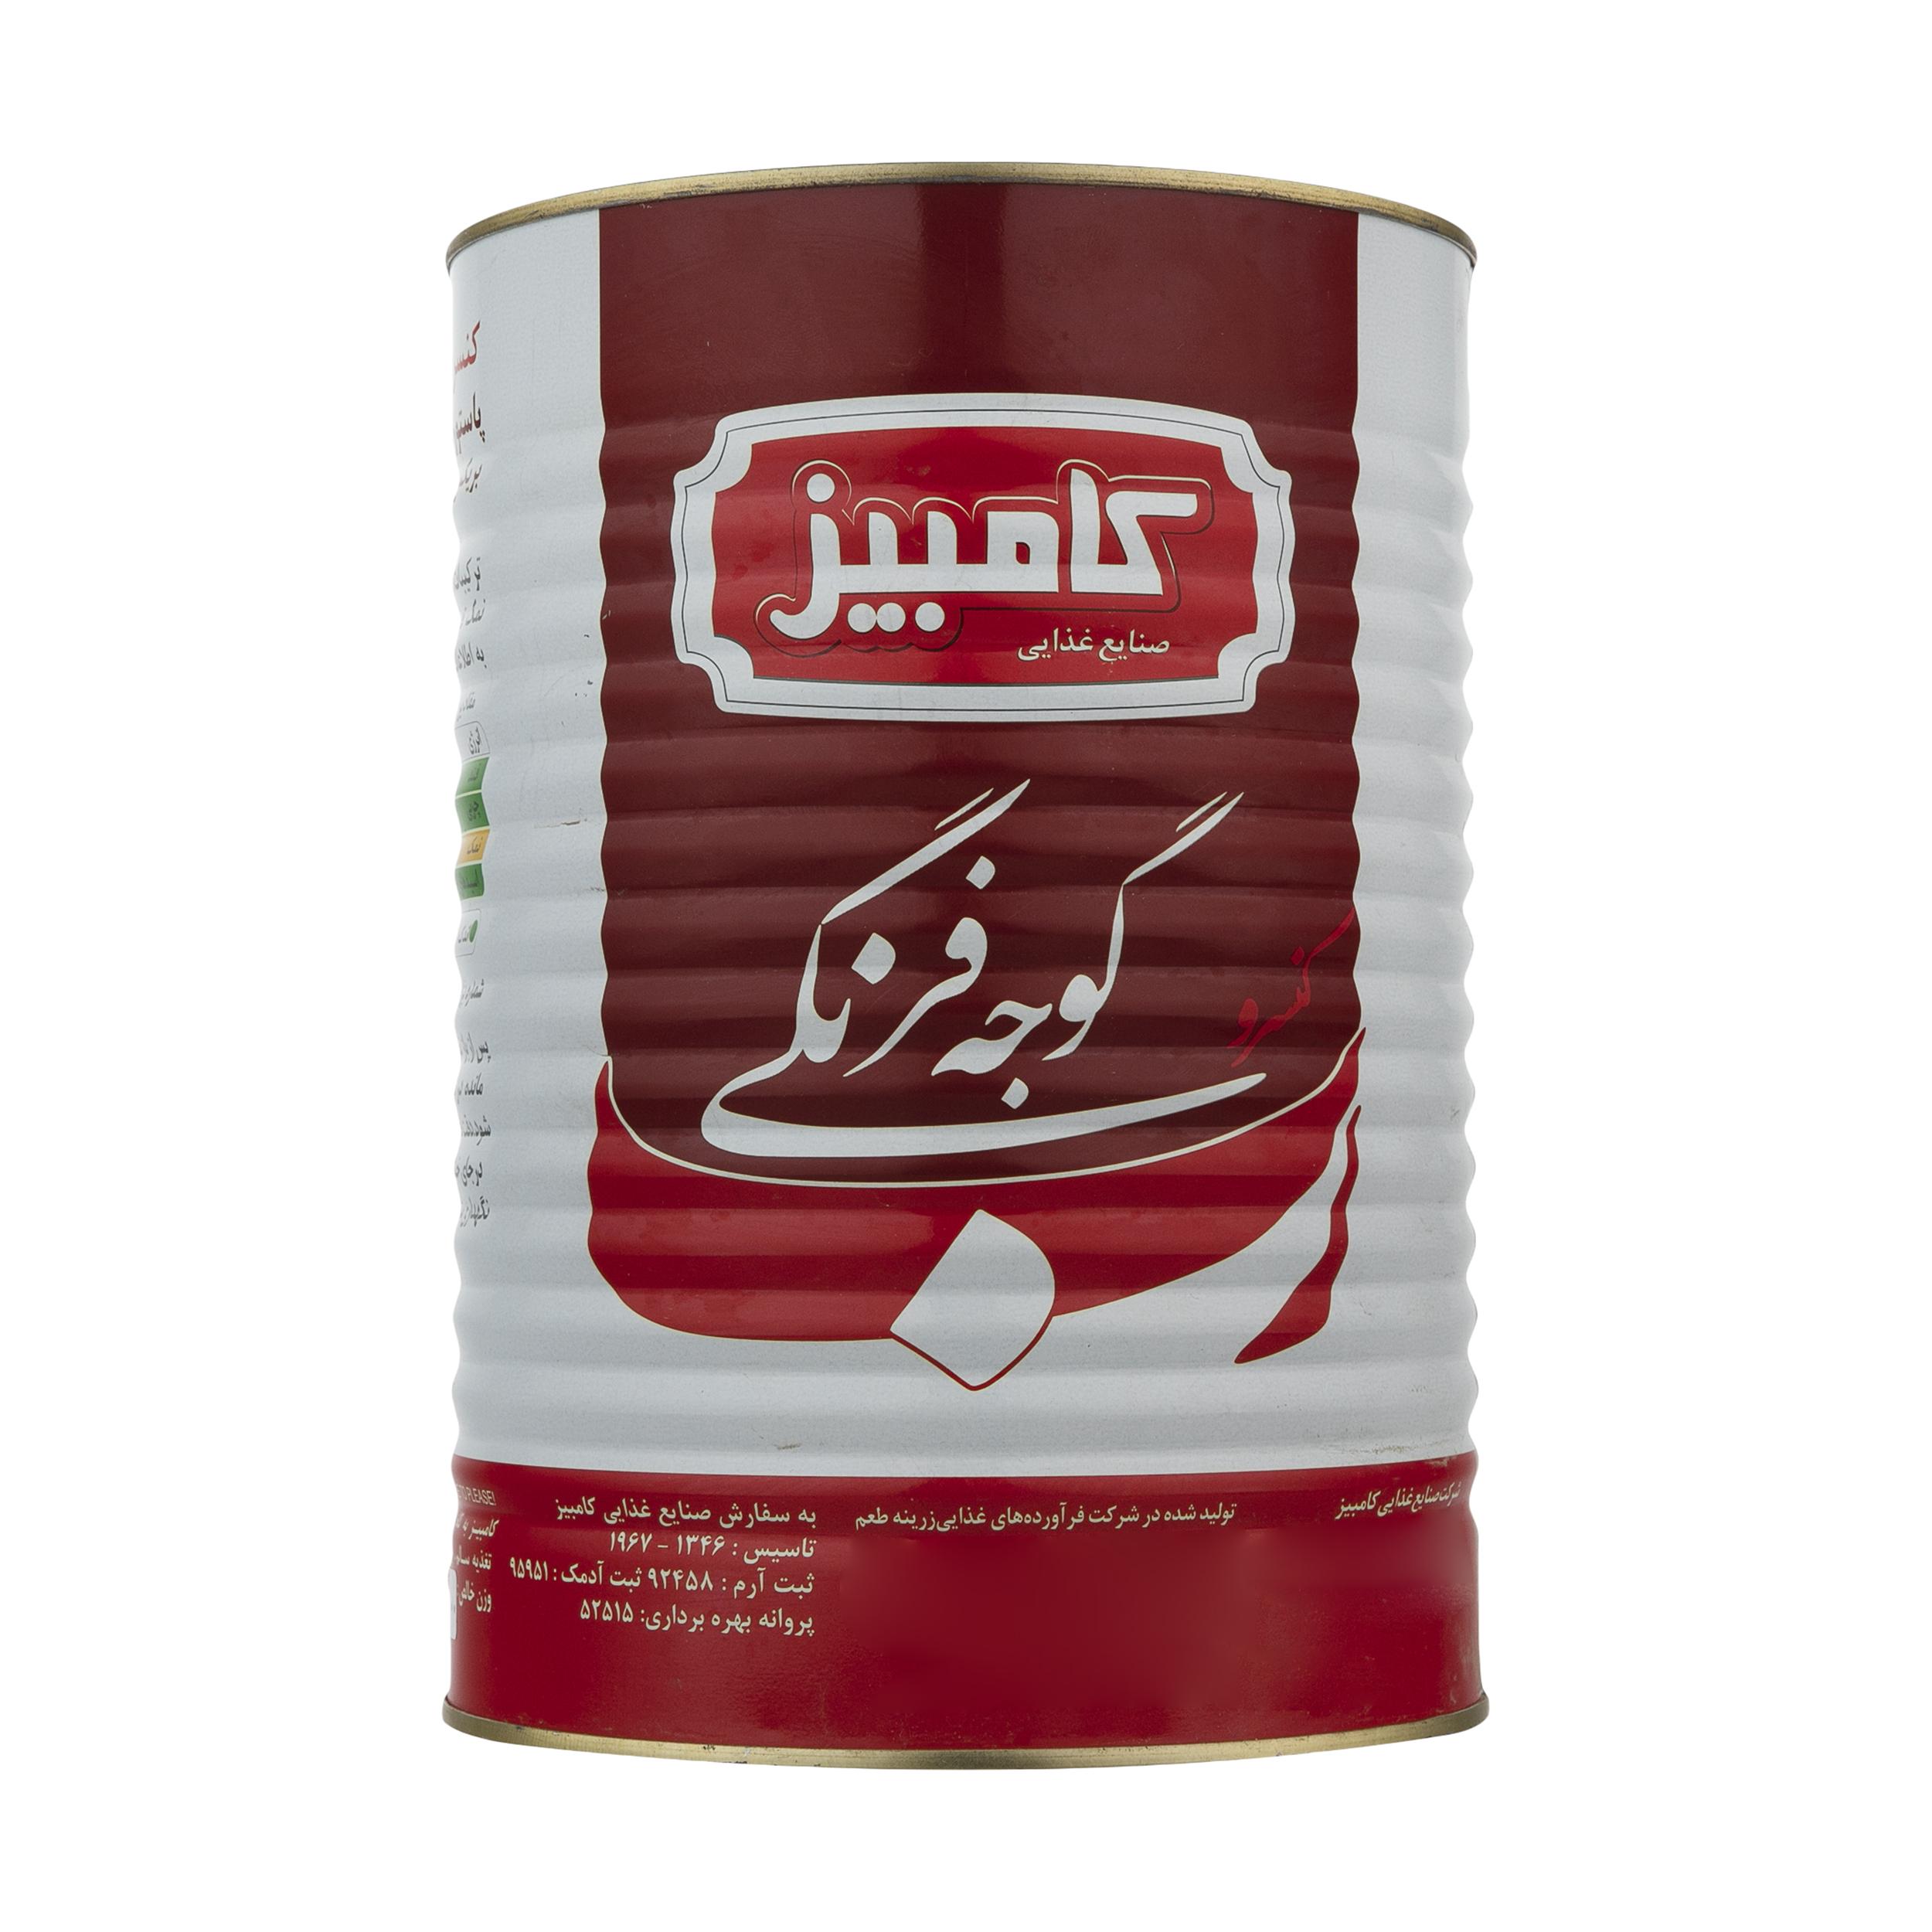 کنسرو رب گوجه فرنگی کامبیز - 4 کیلوگرم